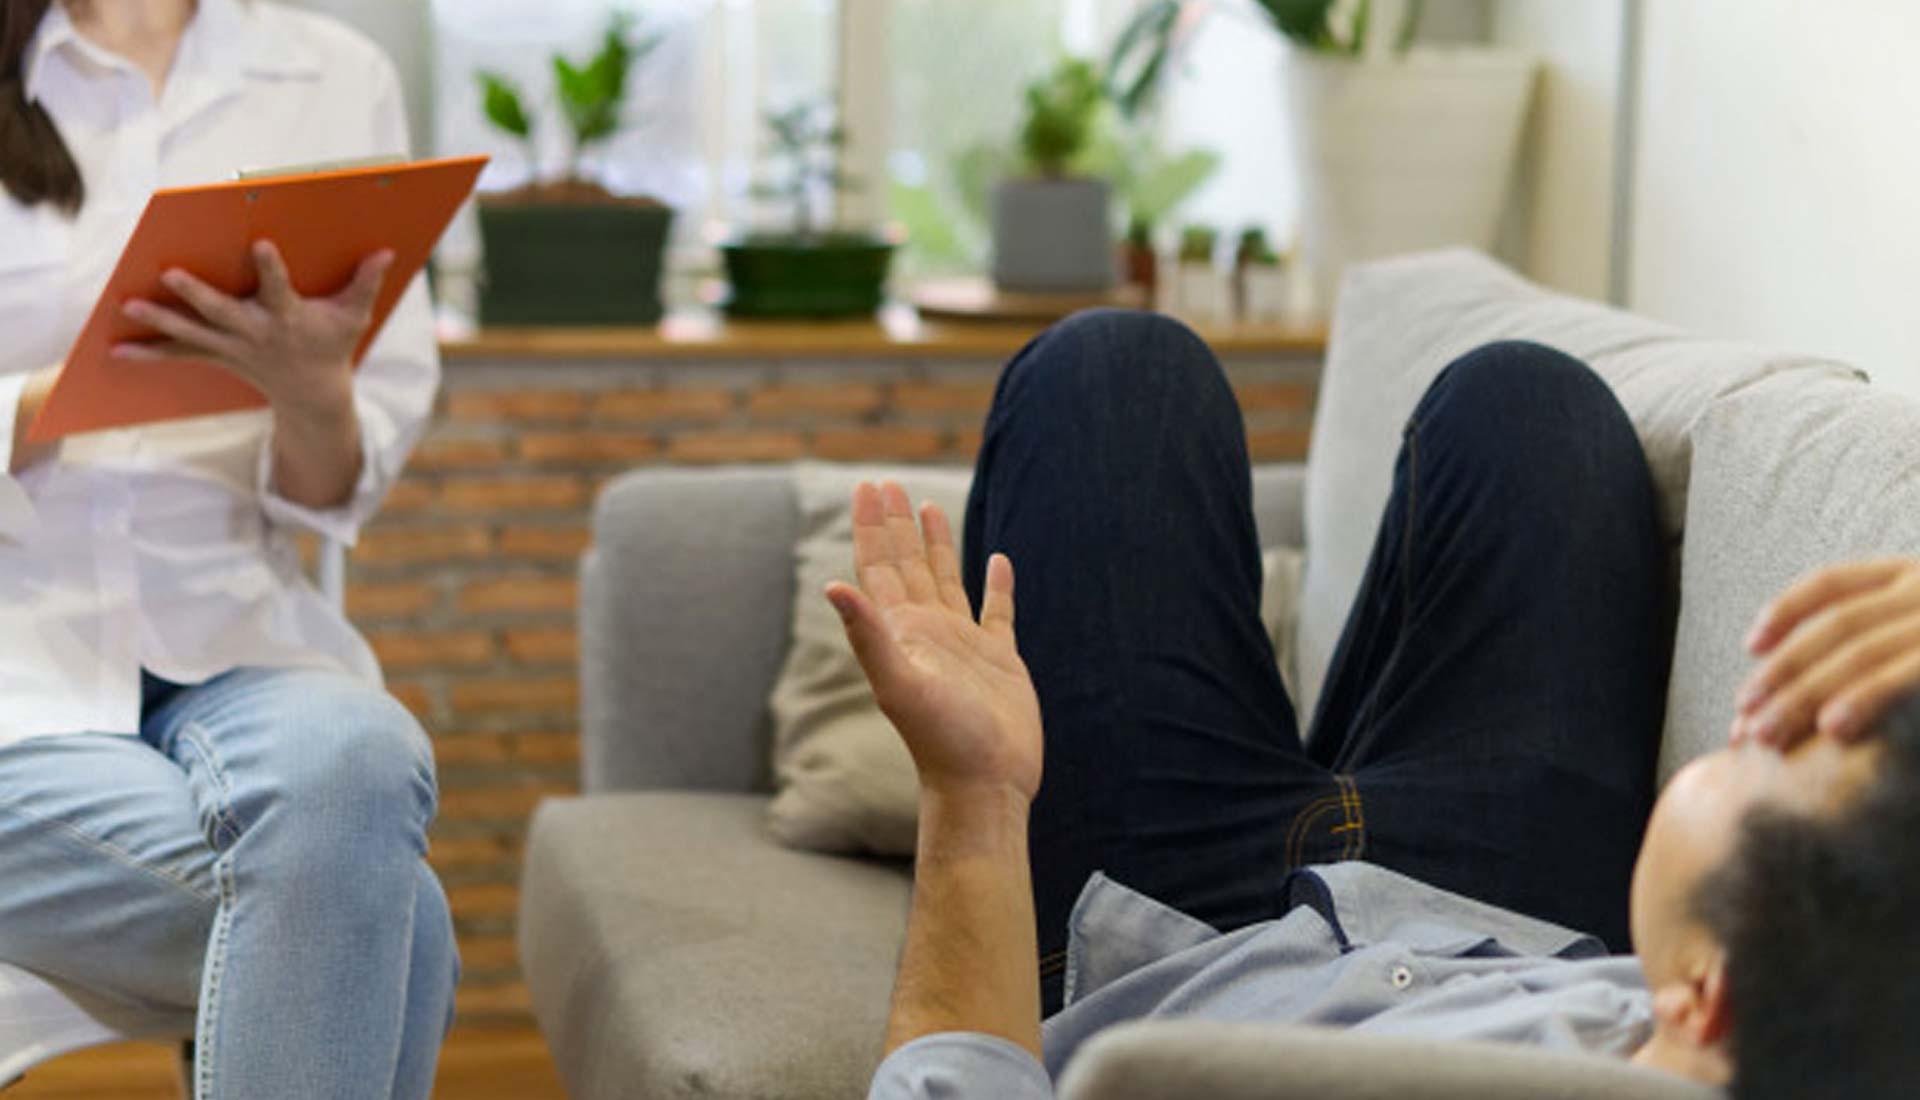 Atendimento psicológico em Parelheiros